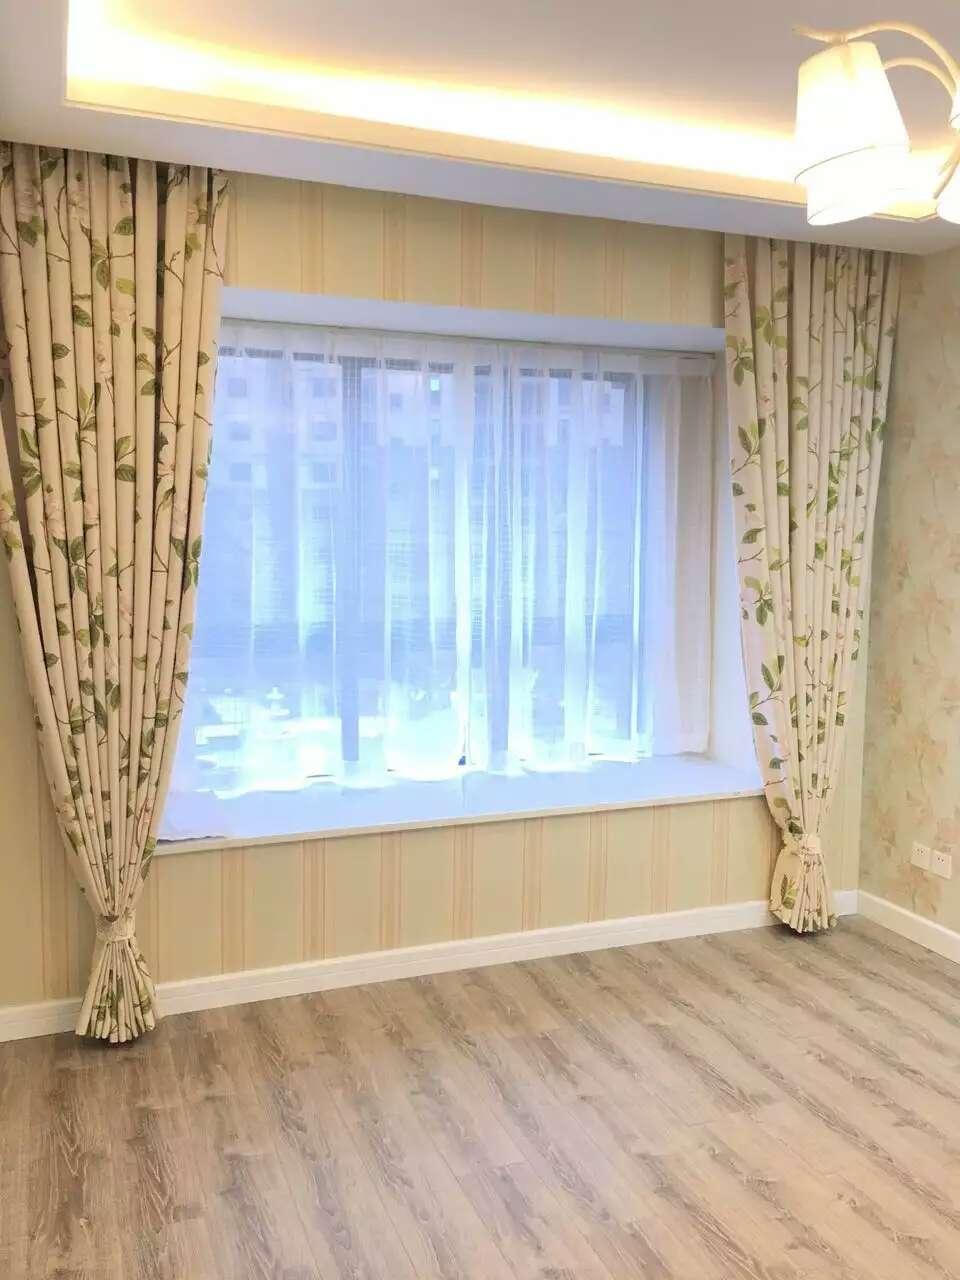 适用于客厅和阳台;人造纤维窗帘较